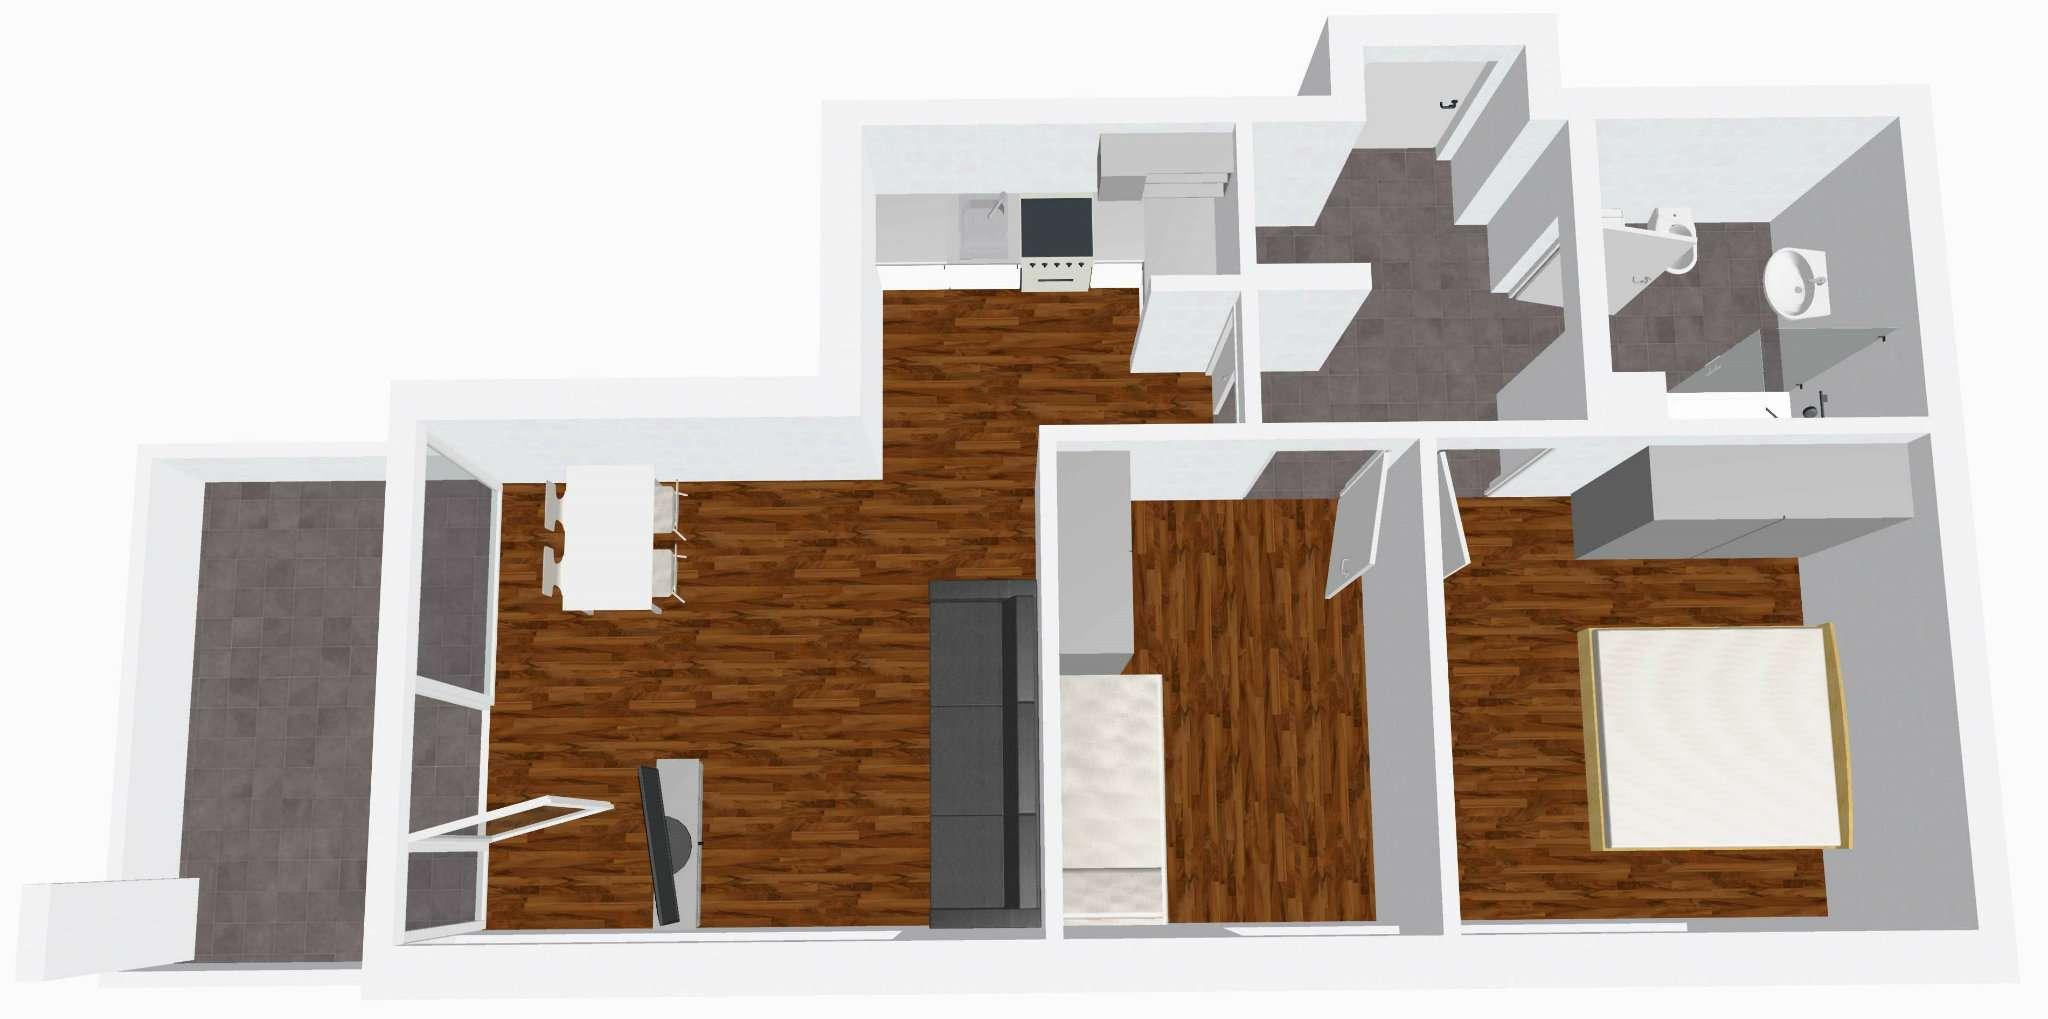 Attico / Mansarda in vendita a Bressanone, 3 locali, prezzo € 275.000   Cambio Casa.it